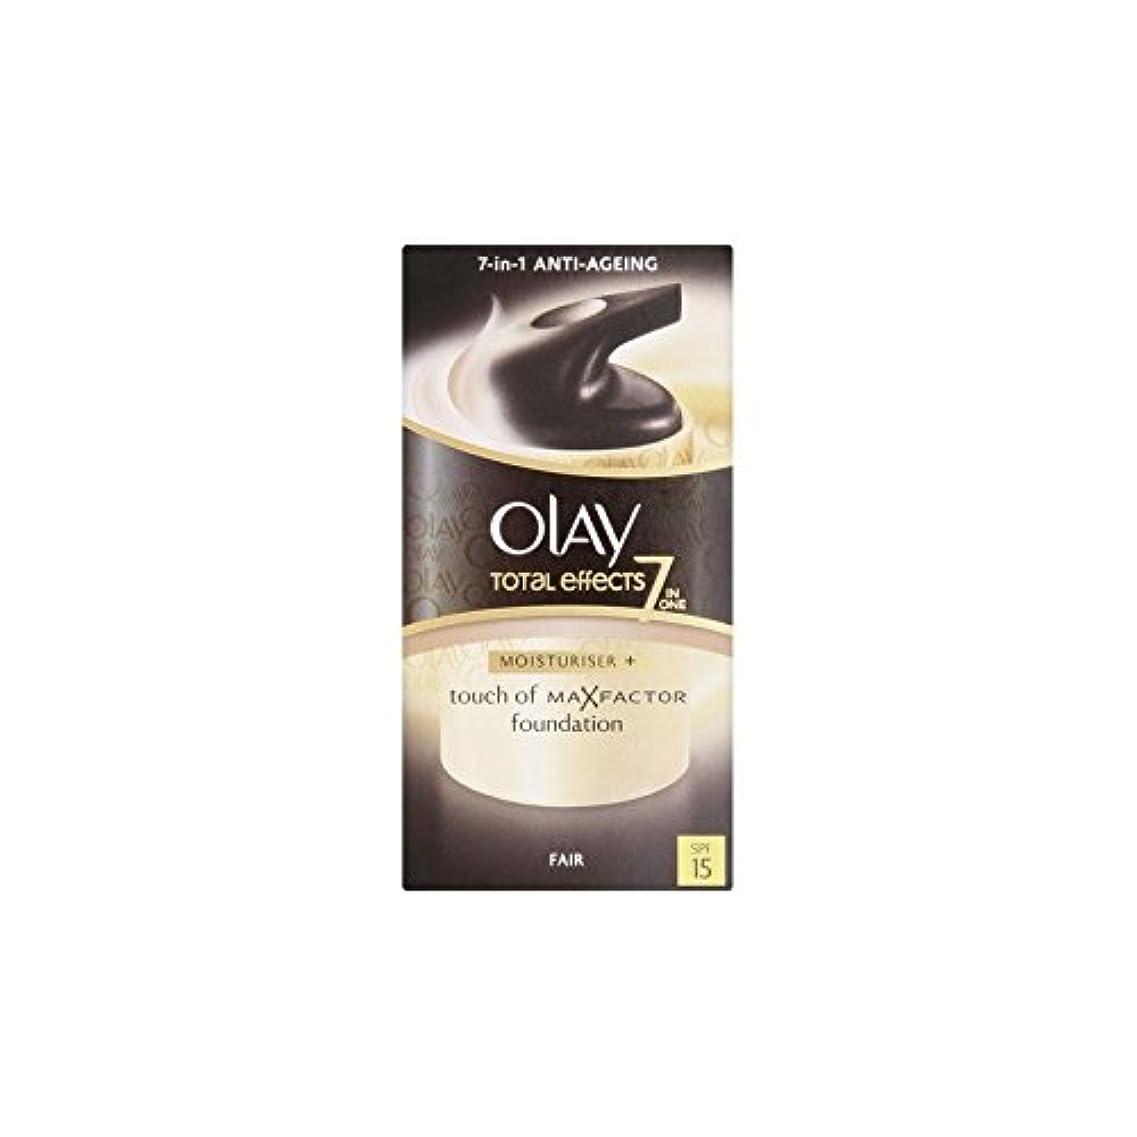 どれそして未来Olay Total Effects Moisturiser Bb Cream Spf15 - Fair (50ml) - オーレイトータルエフェクト保湿クリーム15 - フェア(50ミリリットル) [並行輸入品]